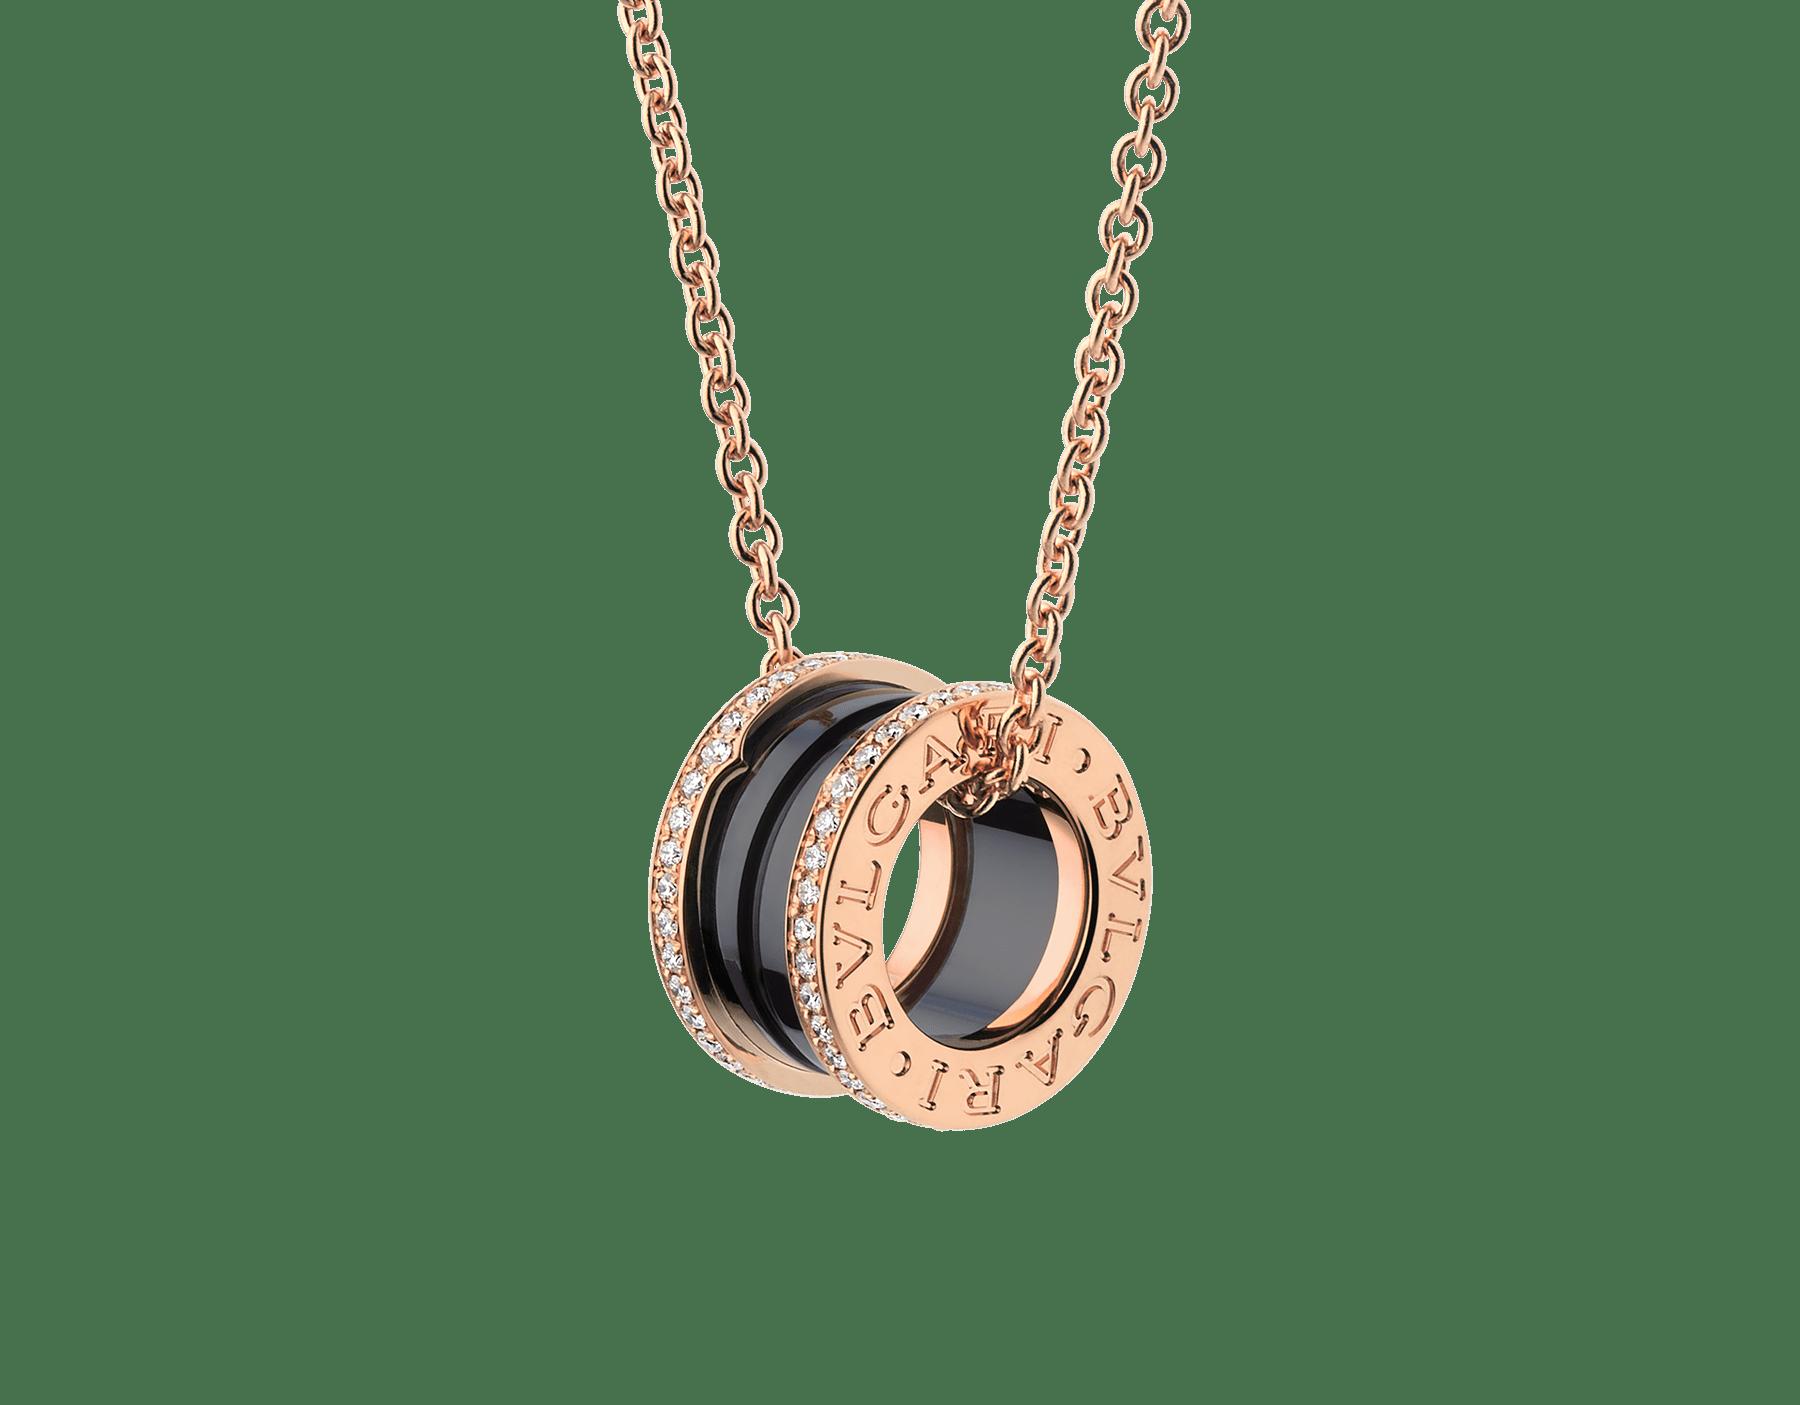 Con la emblemática espiral elaborada con cerámica negra y pavé de diamantes alrededor de una cadena en oro rosa, el collar B.zero1 fusiona su distintivo diseño con la elegancia contemporánea. 350056 image 1